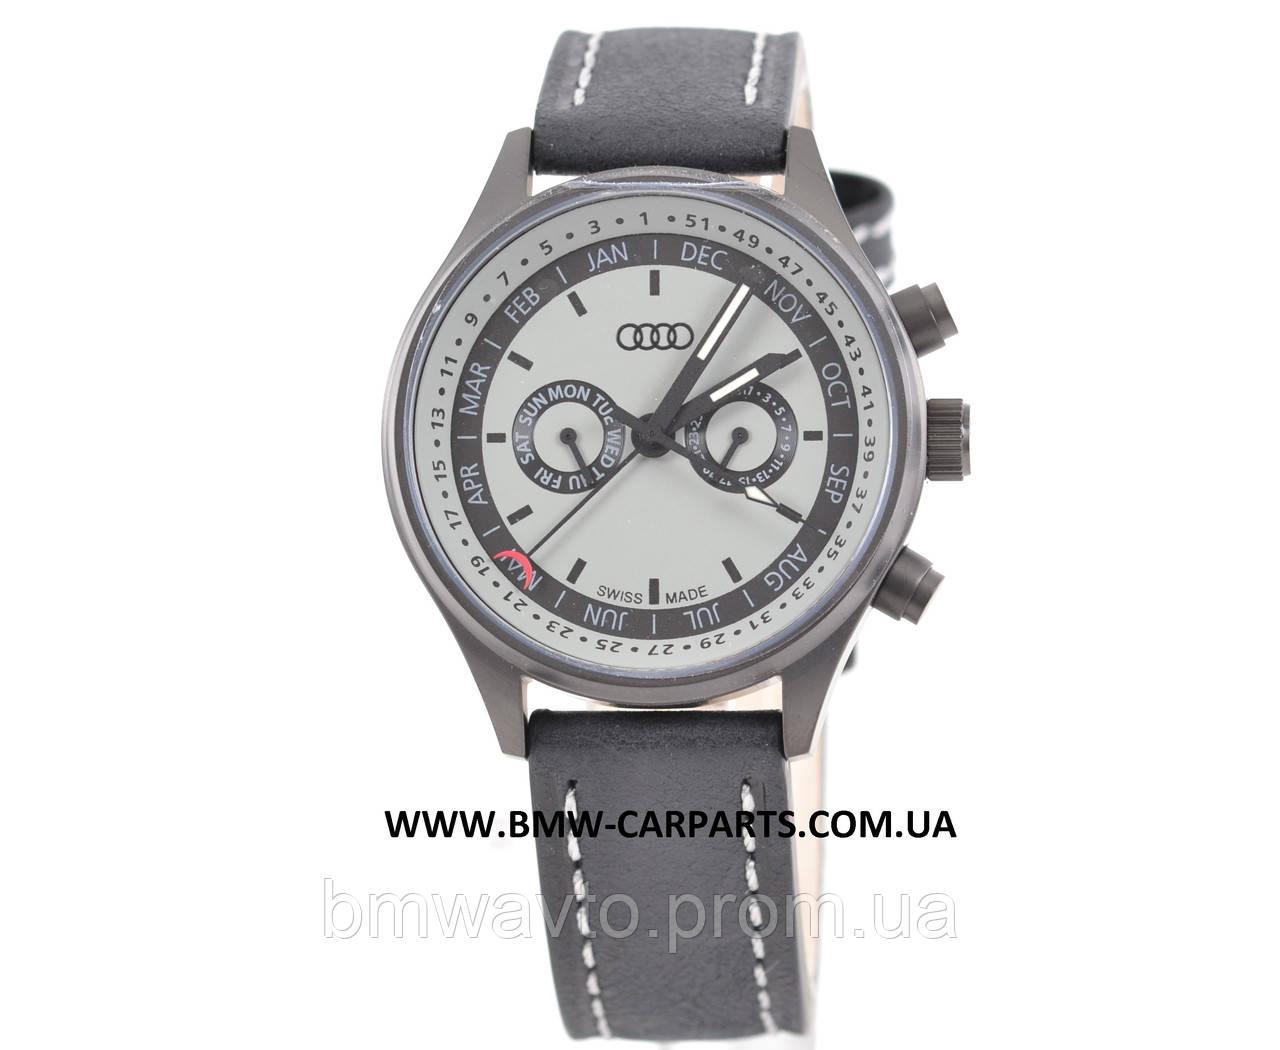 Наручные часы унисекс Audi Watch with calendar week